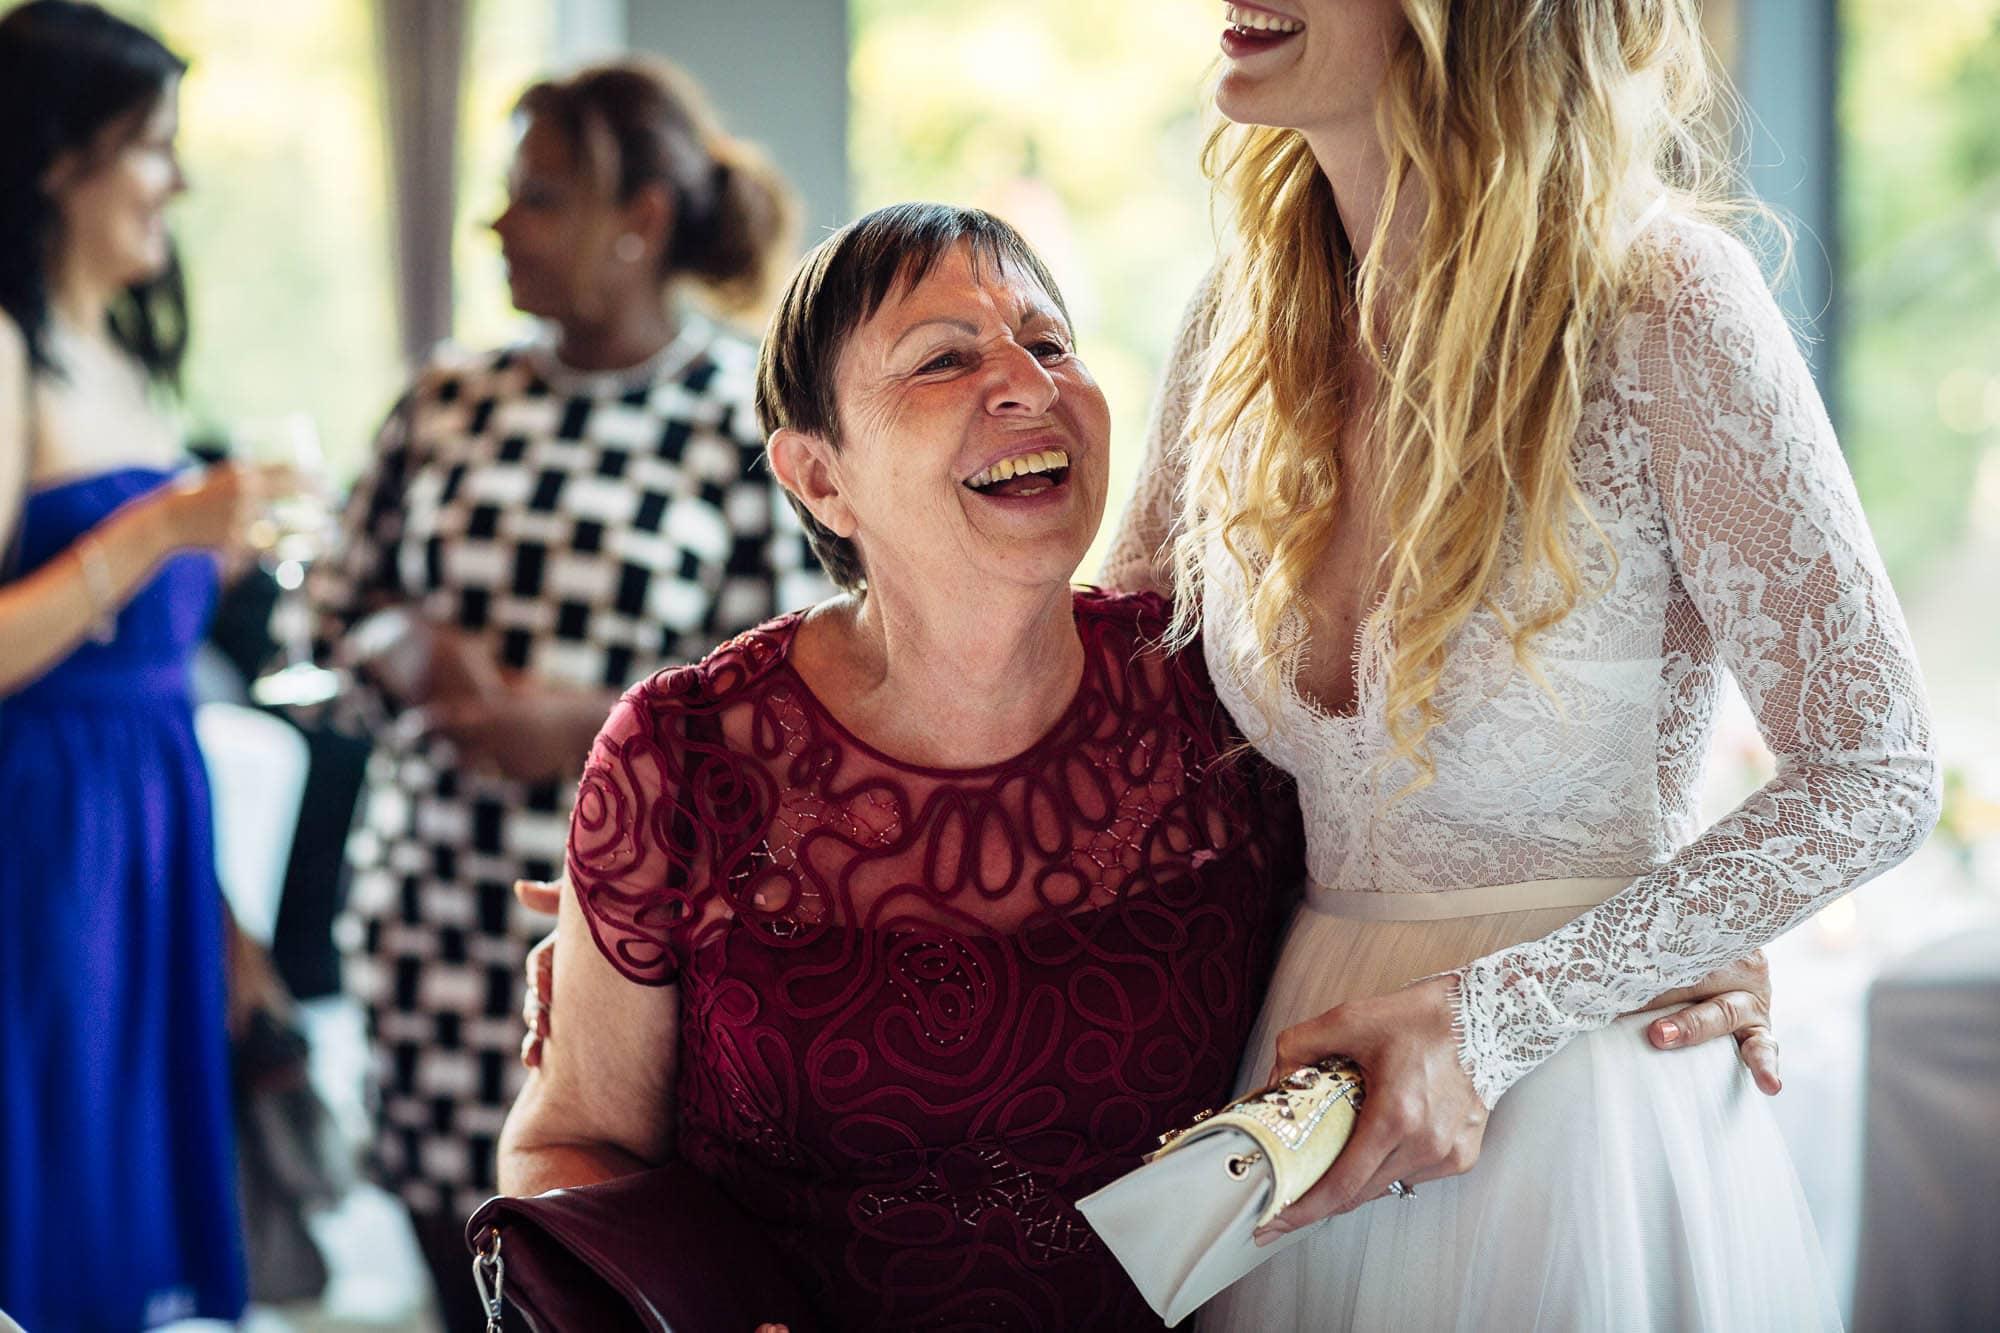 Braut und Mutter des Bräutigams lachen